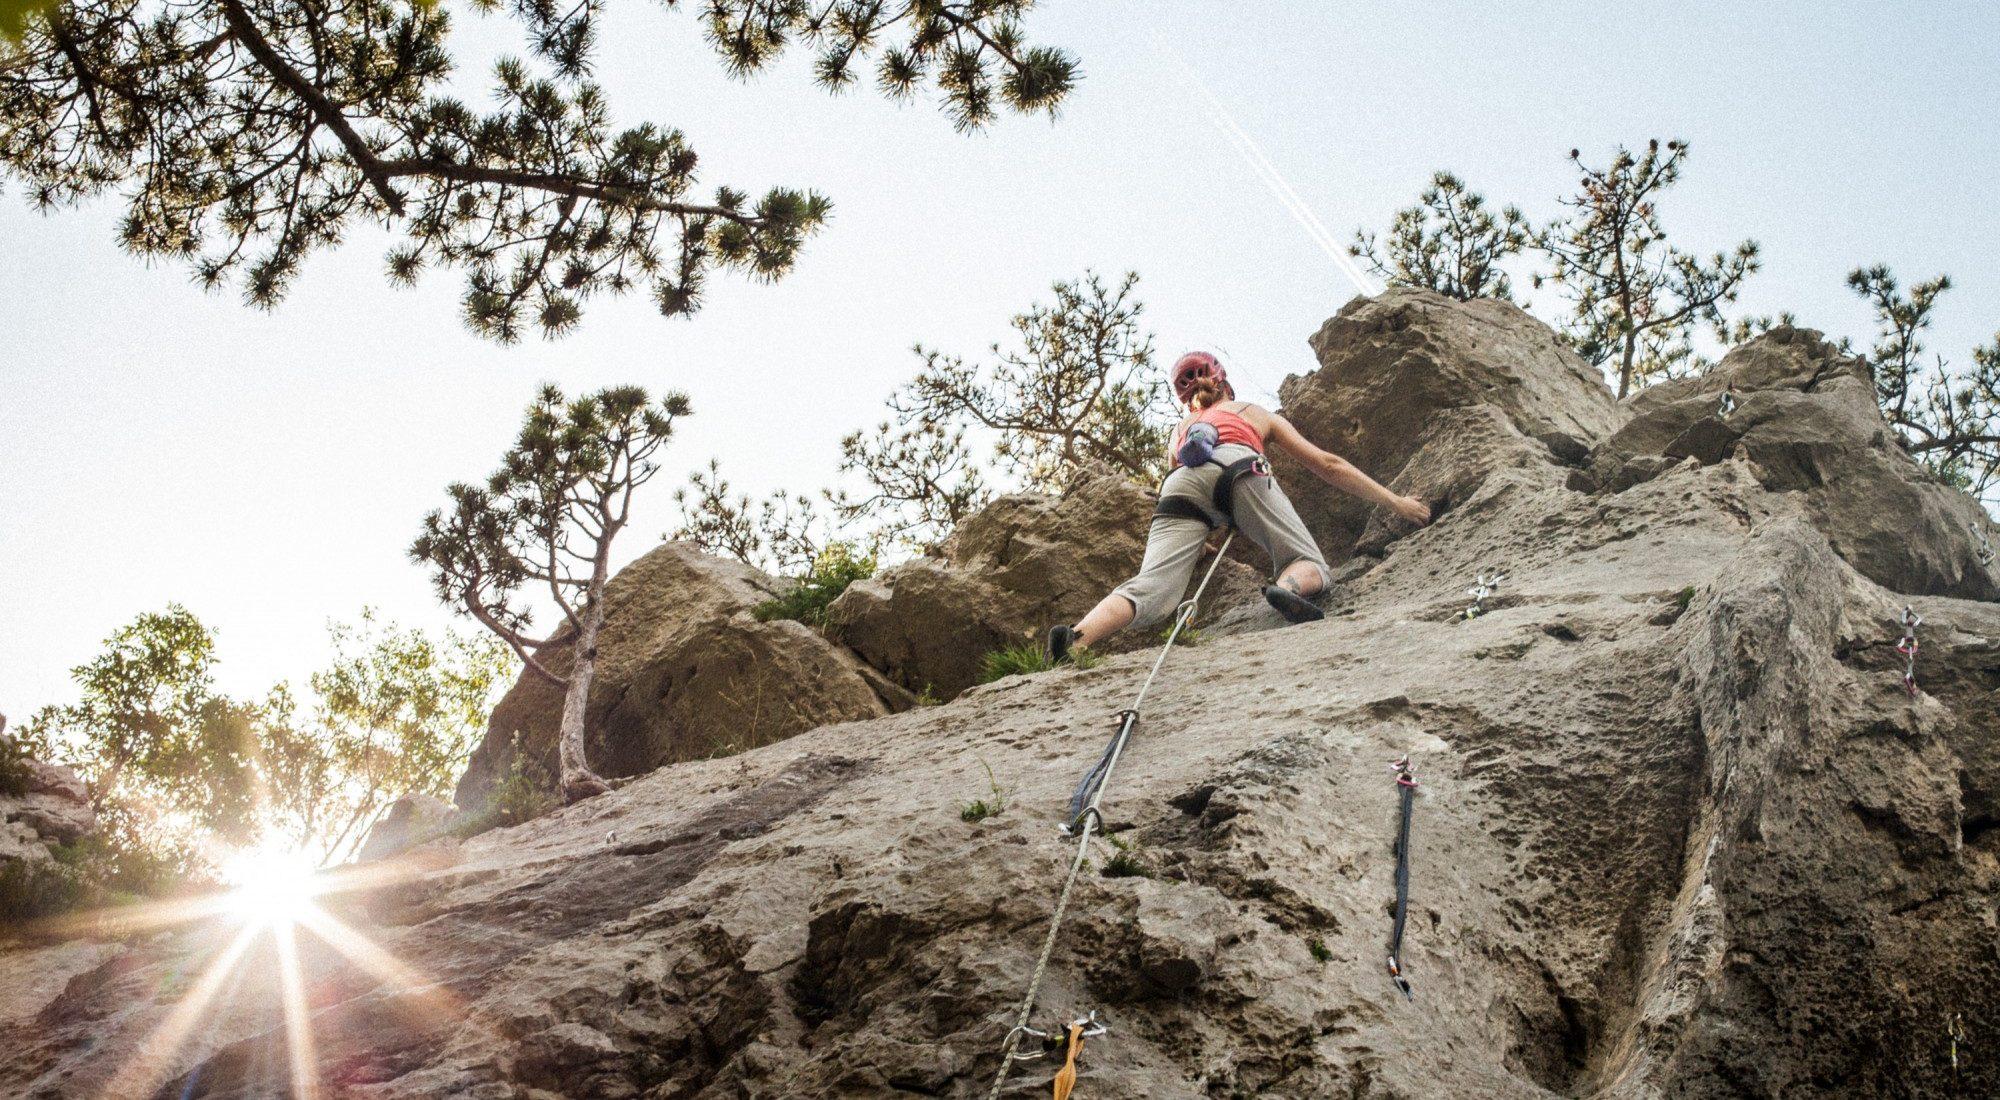 Bolder Scena - Bolder Scena - Tečaj plezanja v skali